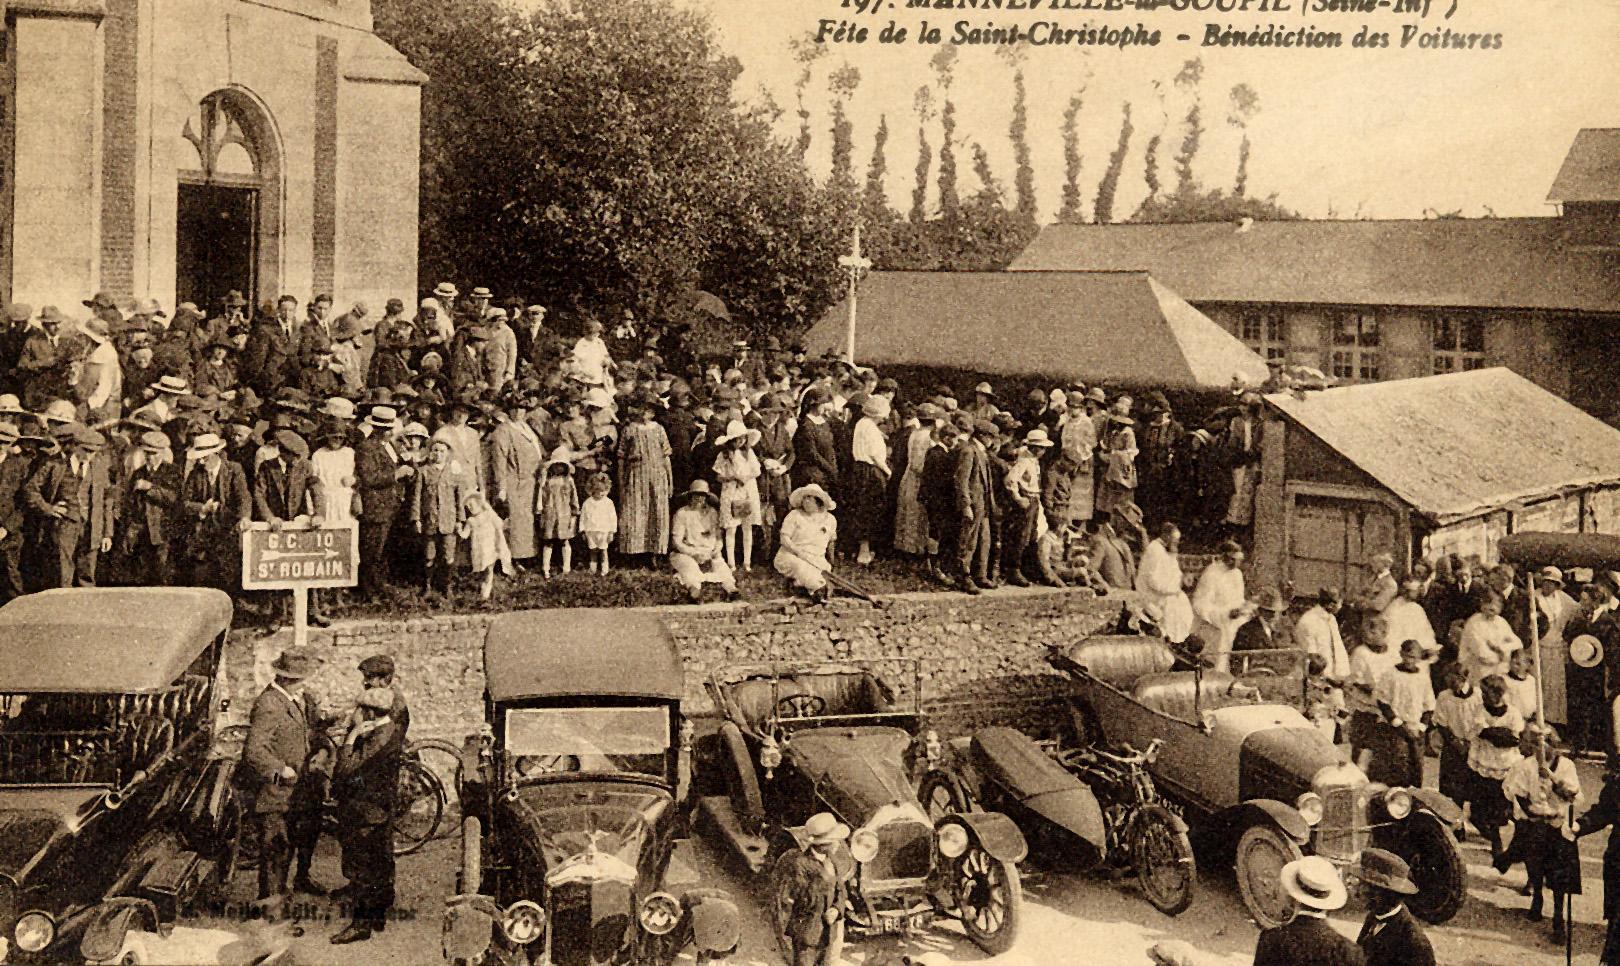 Bénédiction des voitures à la Saint Christophe